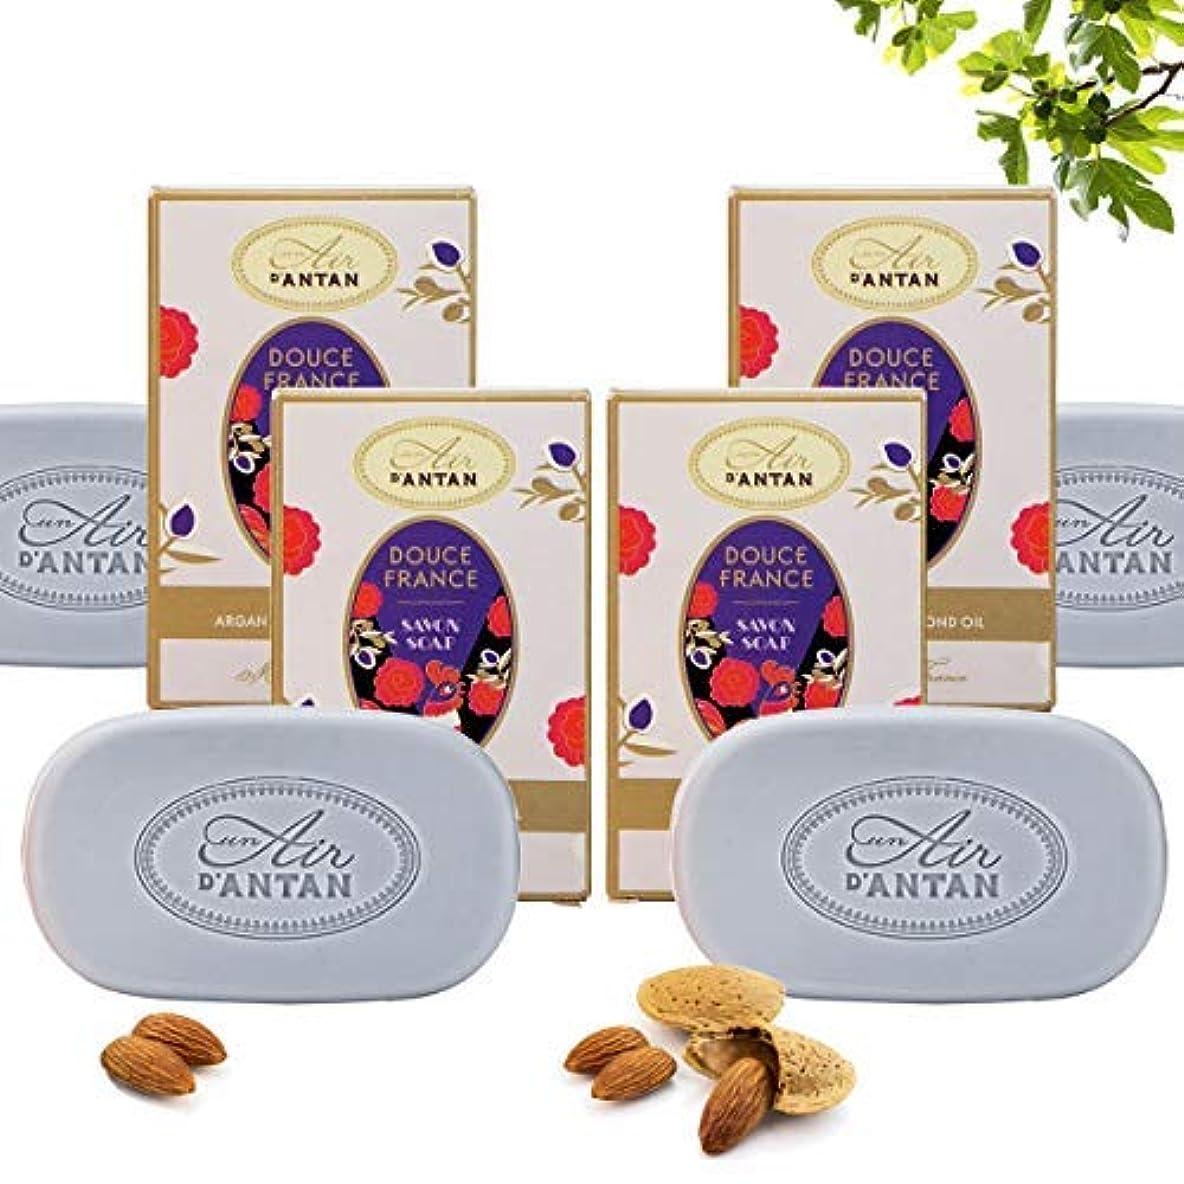 アラブサラボ革新咲くオーガニックスウィートアーモンドとアルガンオイルを豊富に含む1本の無料スウィートソープ Douce France、スイートアーモンド香水、イチジク、ベチバー、モイスチャライジングフォーミュラ、4 x 100gパック、ギフト用の箱を作るためのアイデア